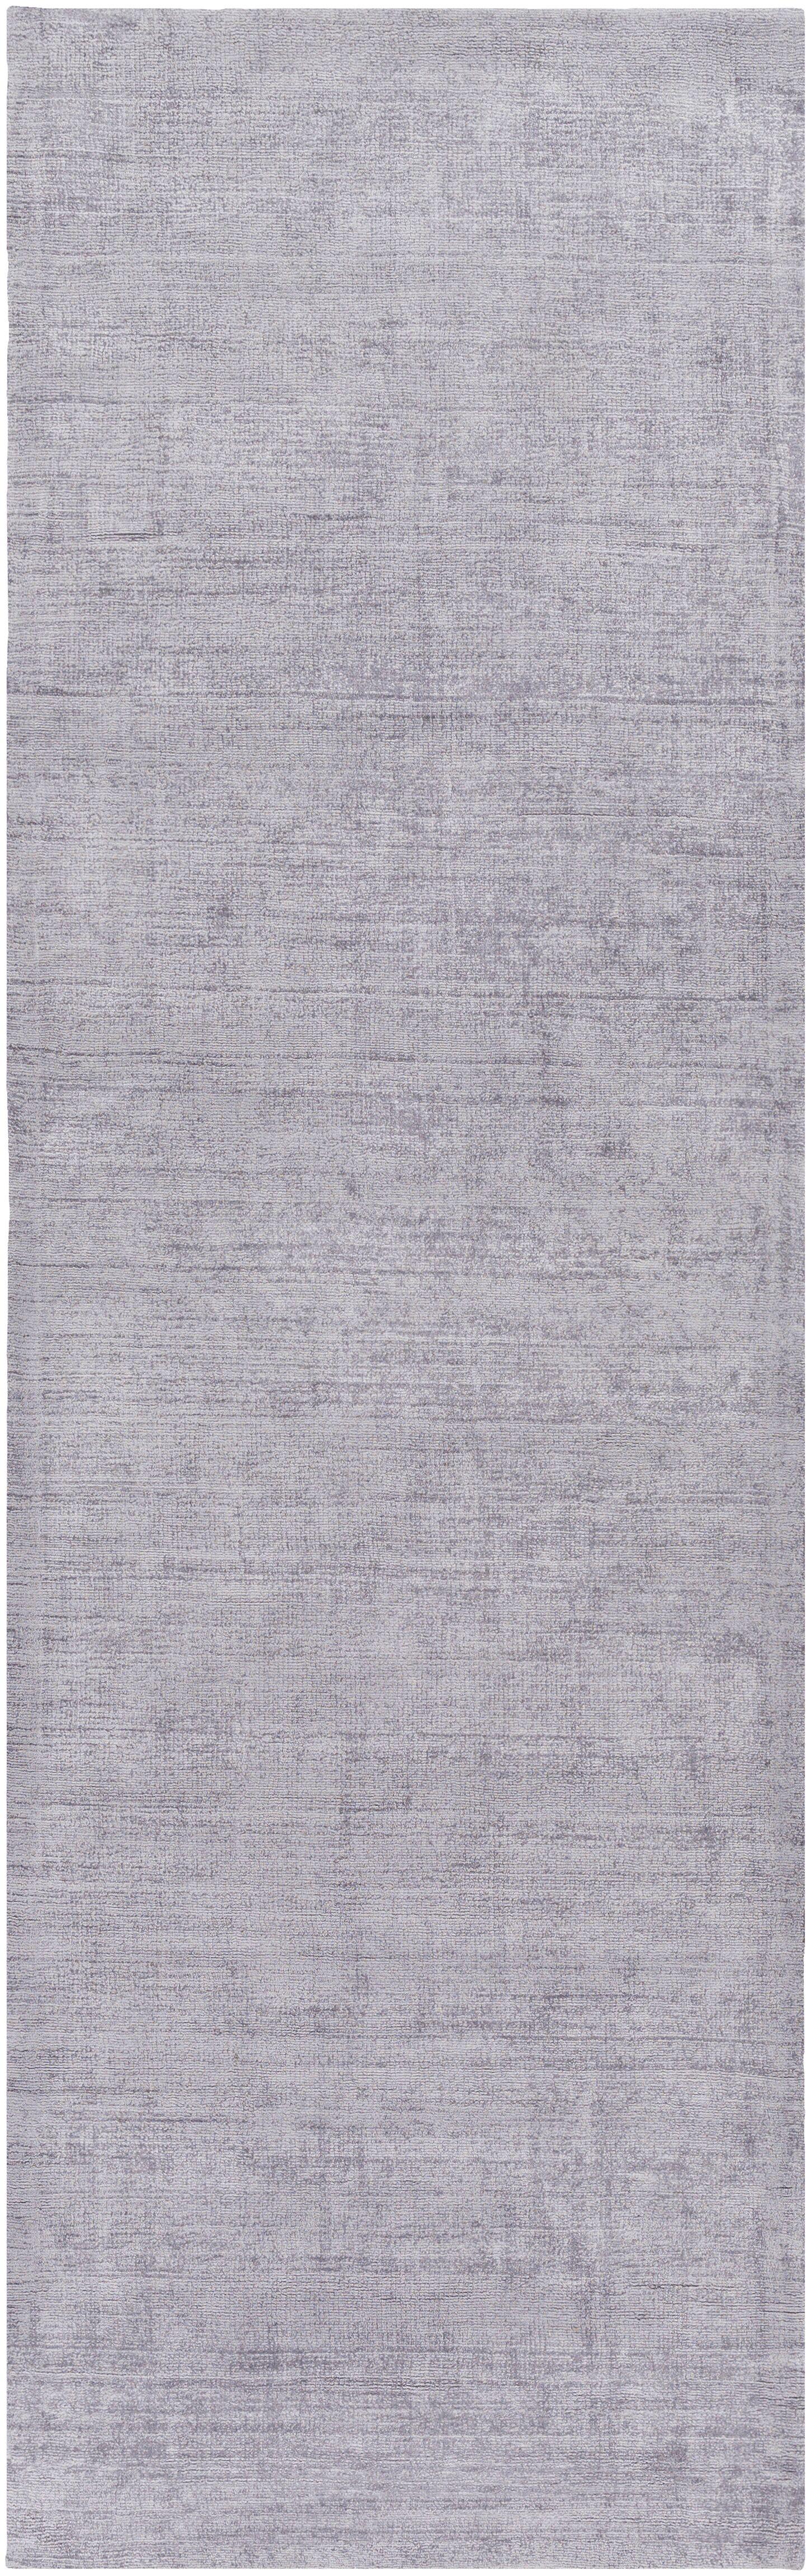 Calhoun Hand-Loomed Gray Area Rug Rug Size: Runner 2'6